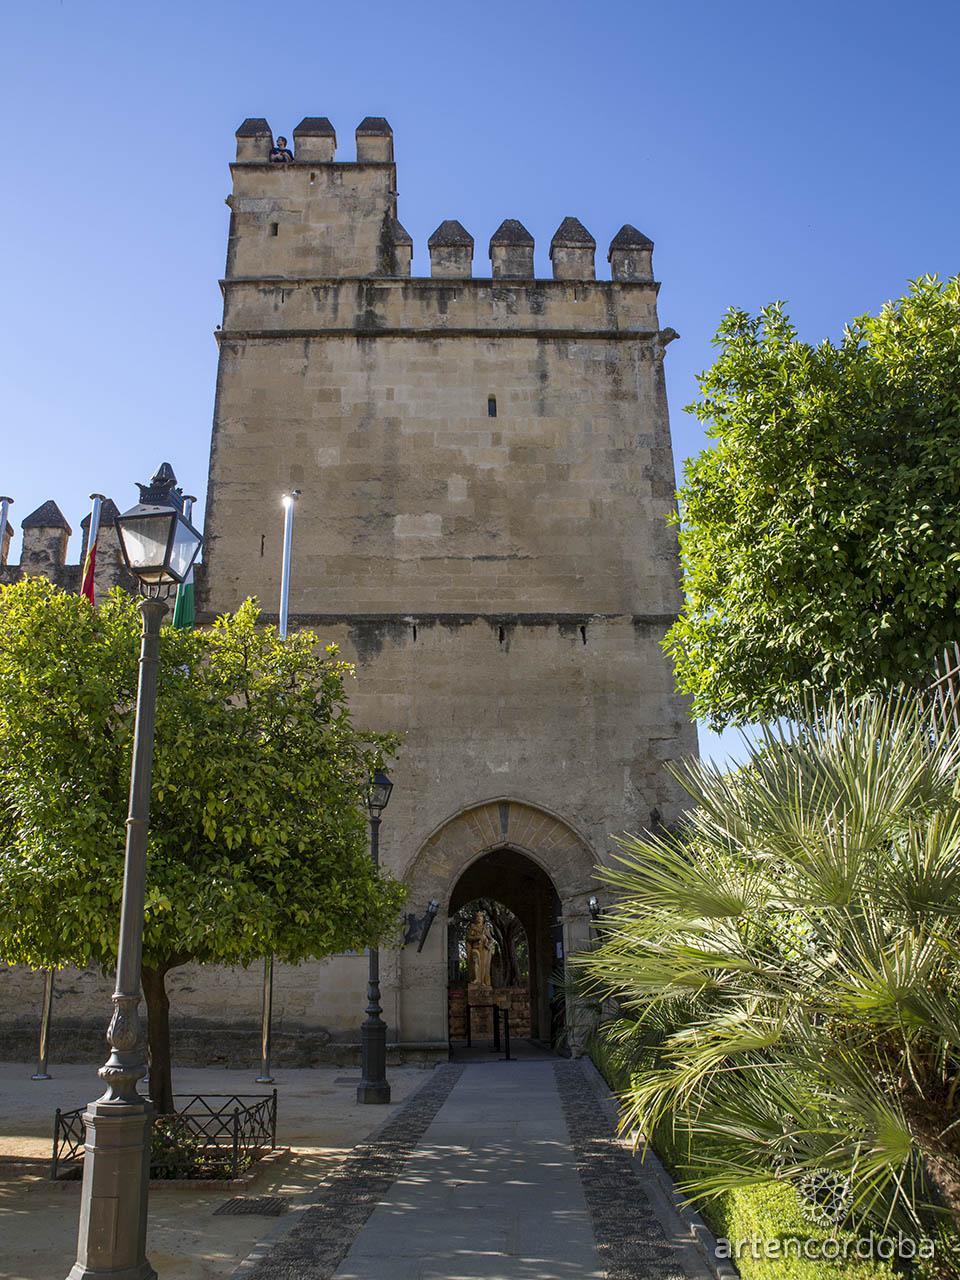 Main door of the Christian Monarchs Alcazar